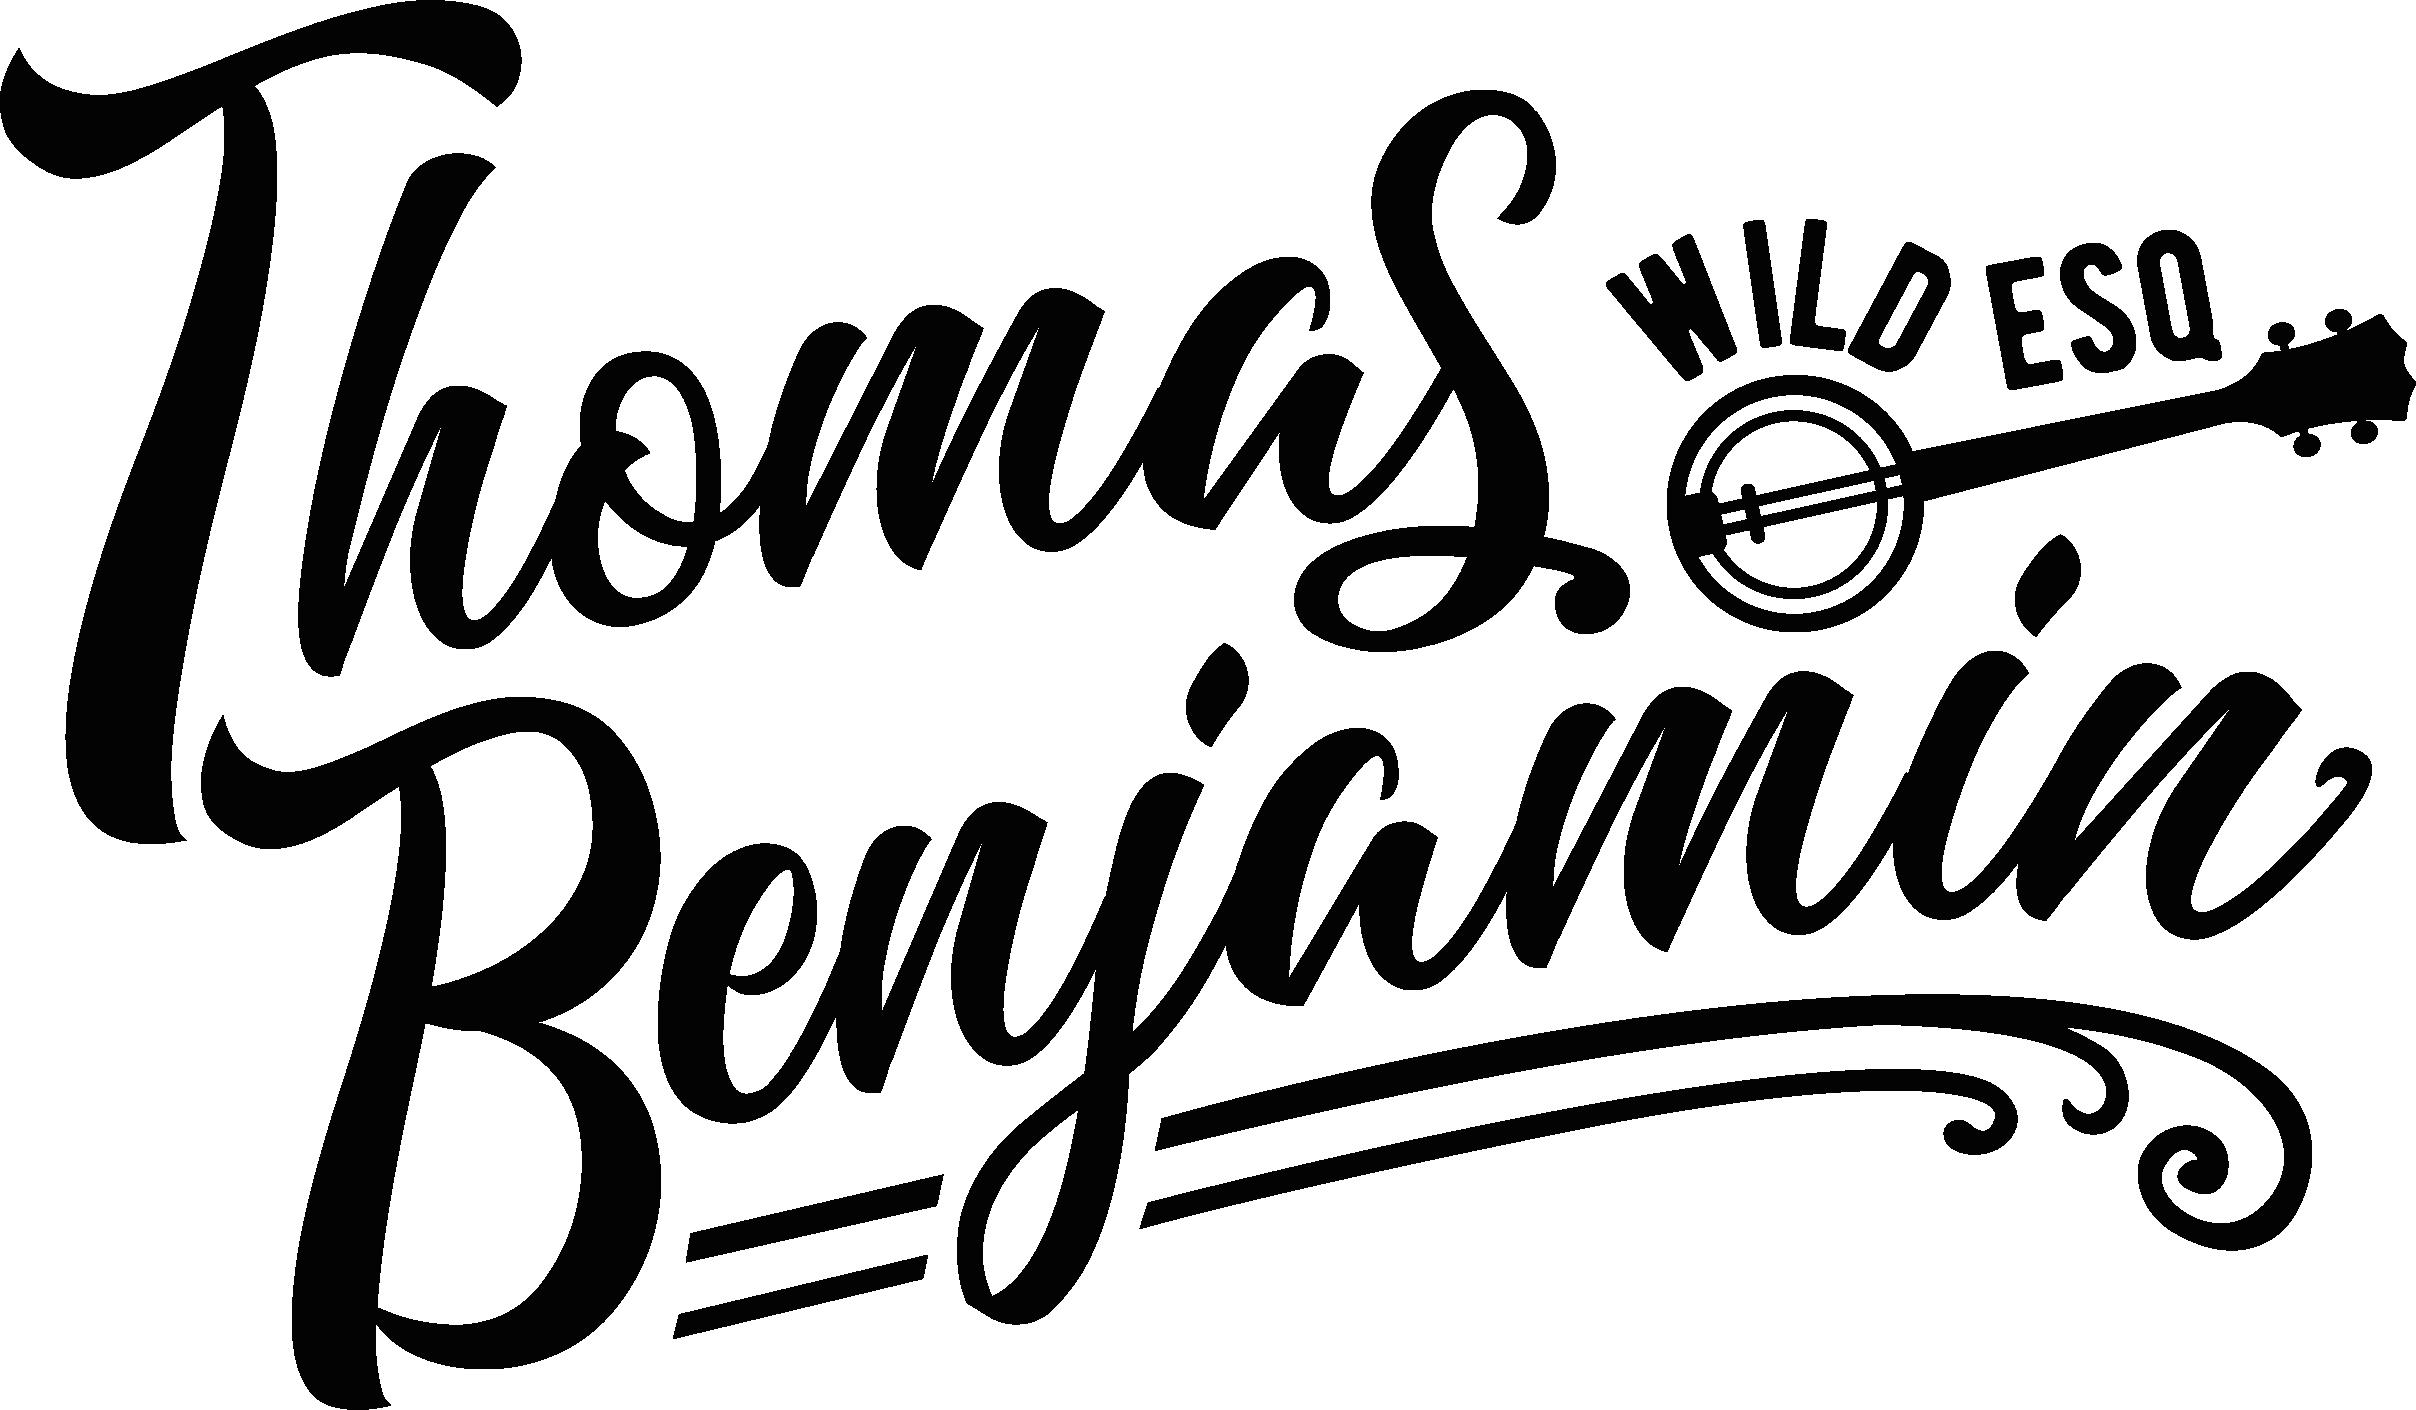 Thomas Benjamin Wild Esq